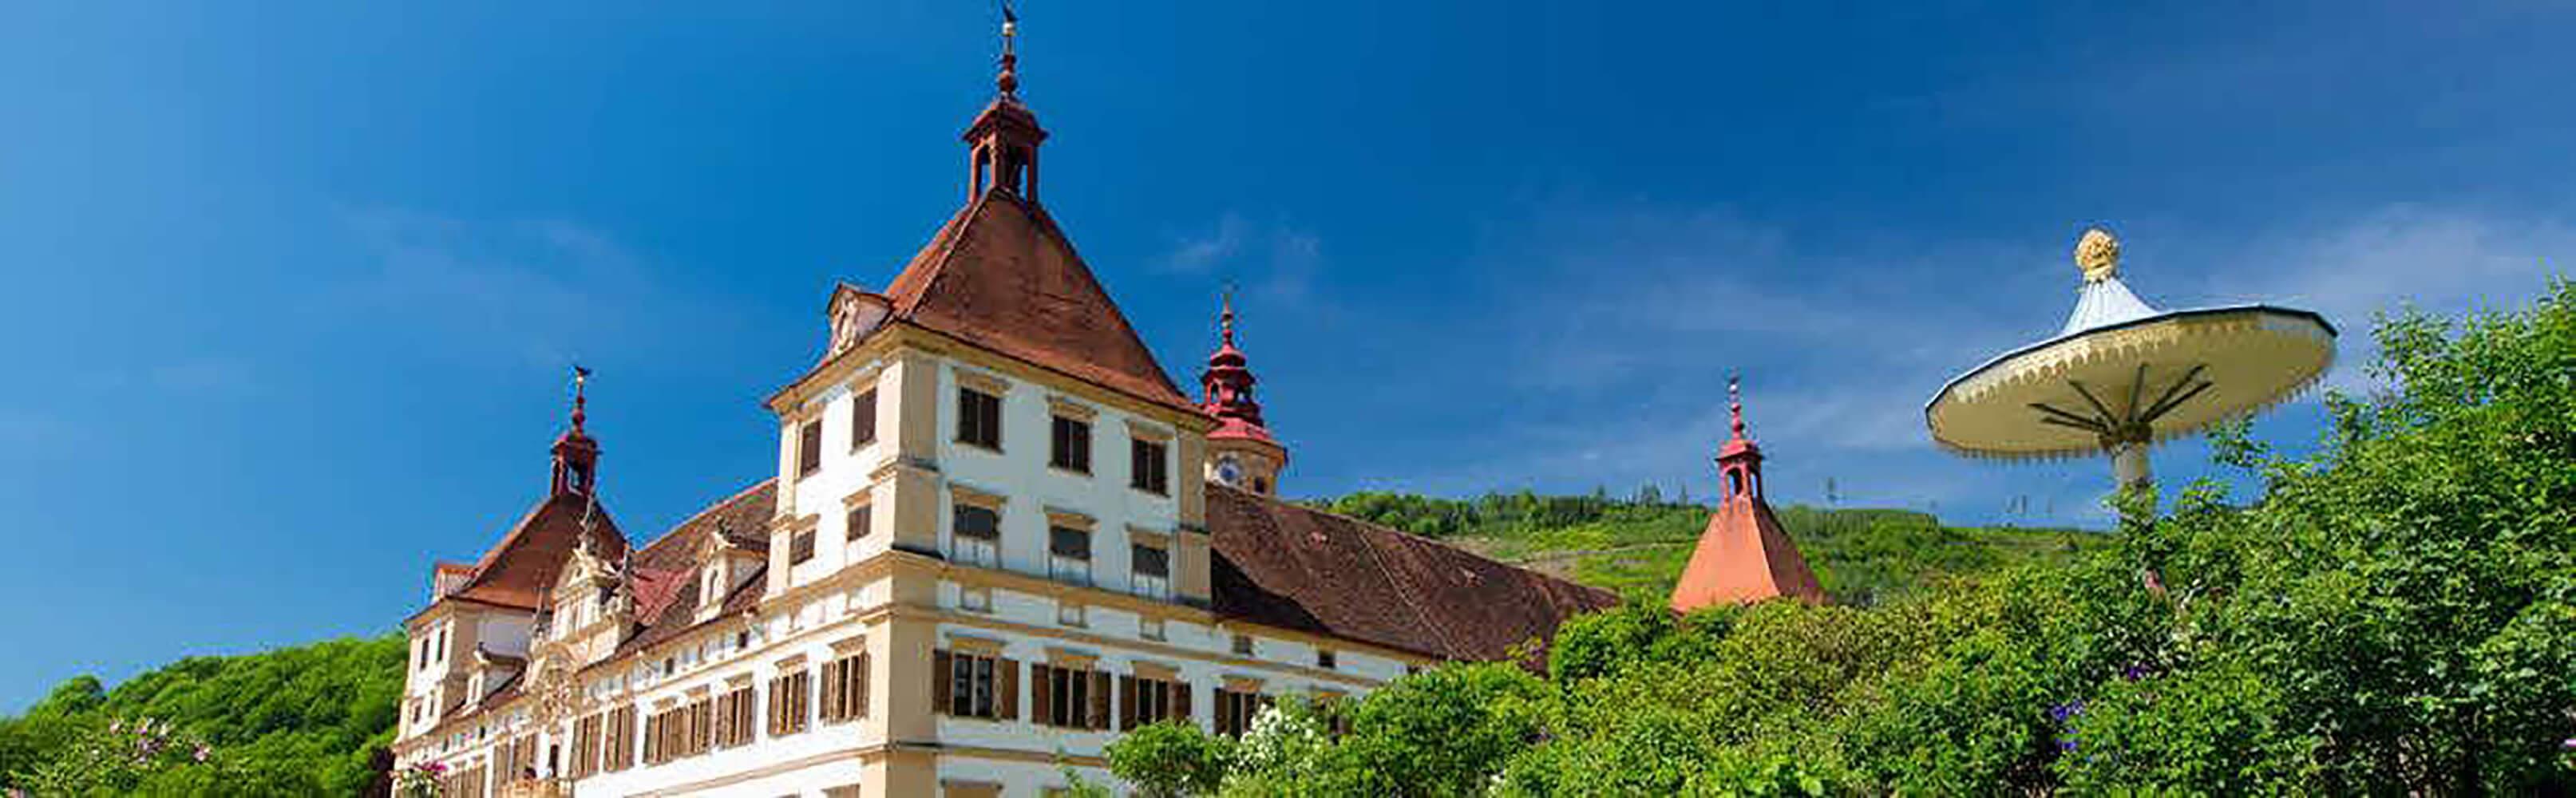 Schloss Eggenberg Graz 1